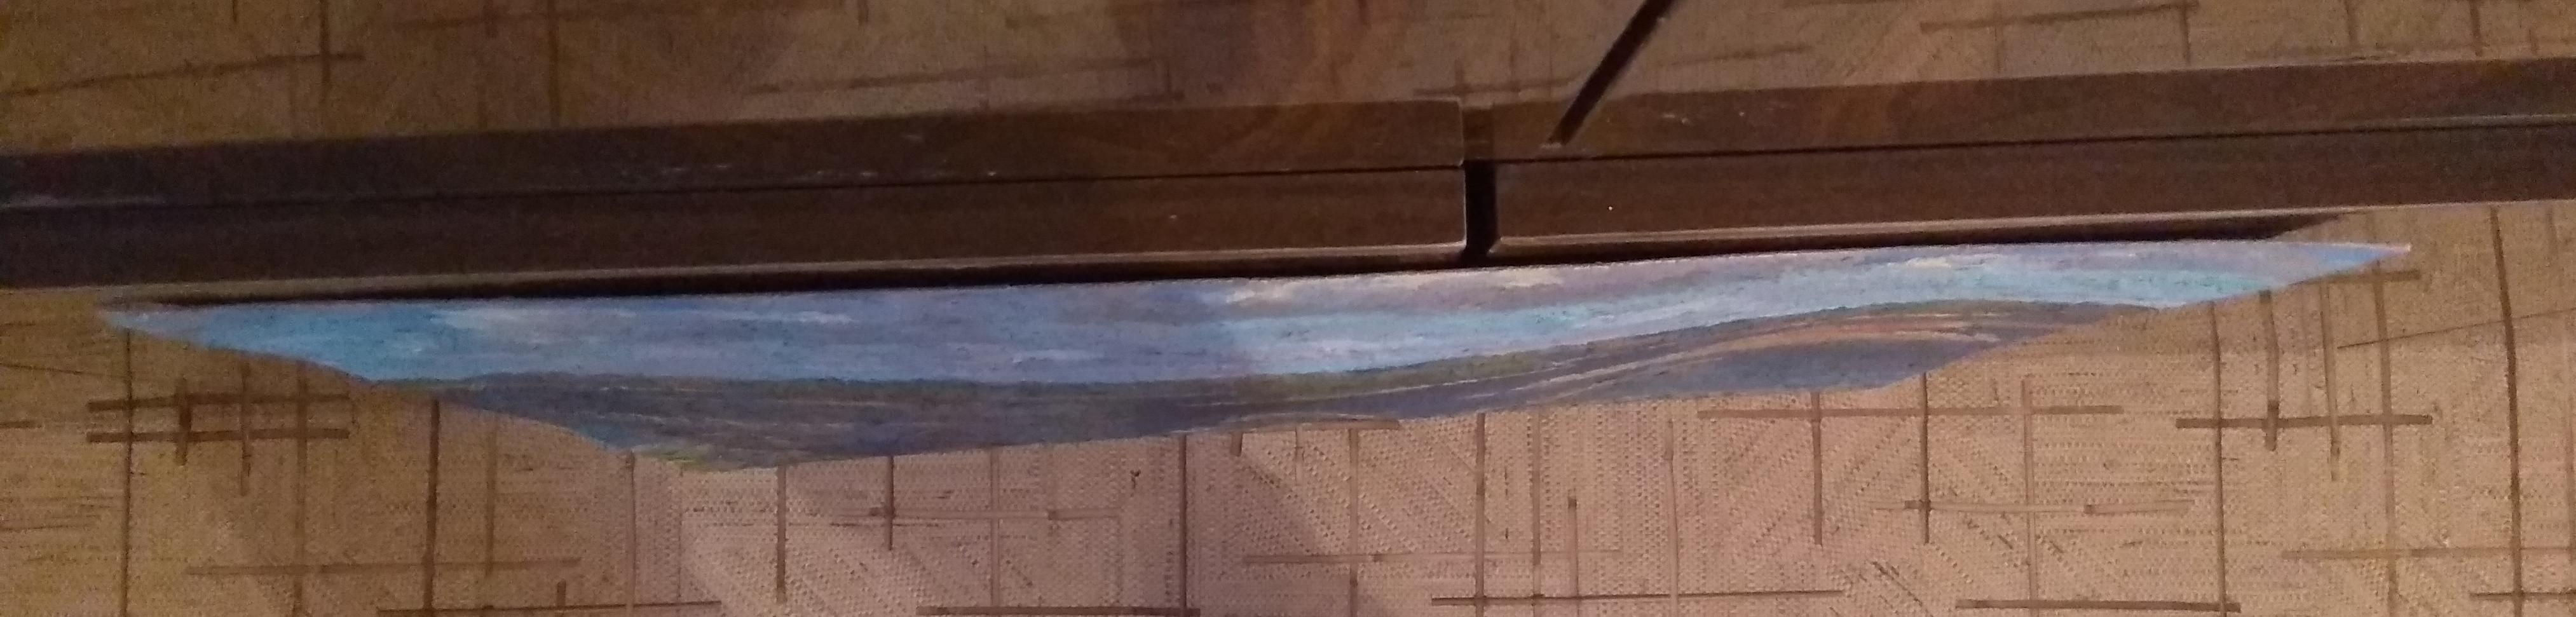 Сельский пейзаж 40-60 см., картон, масло 1969 год - 3